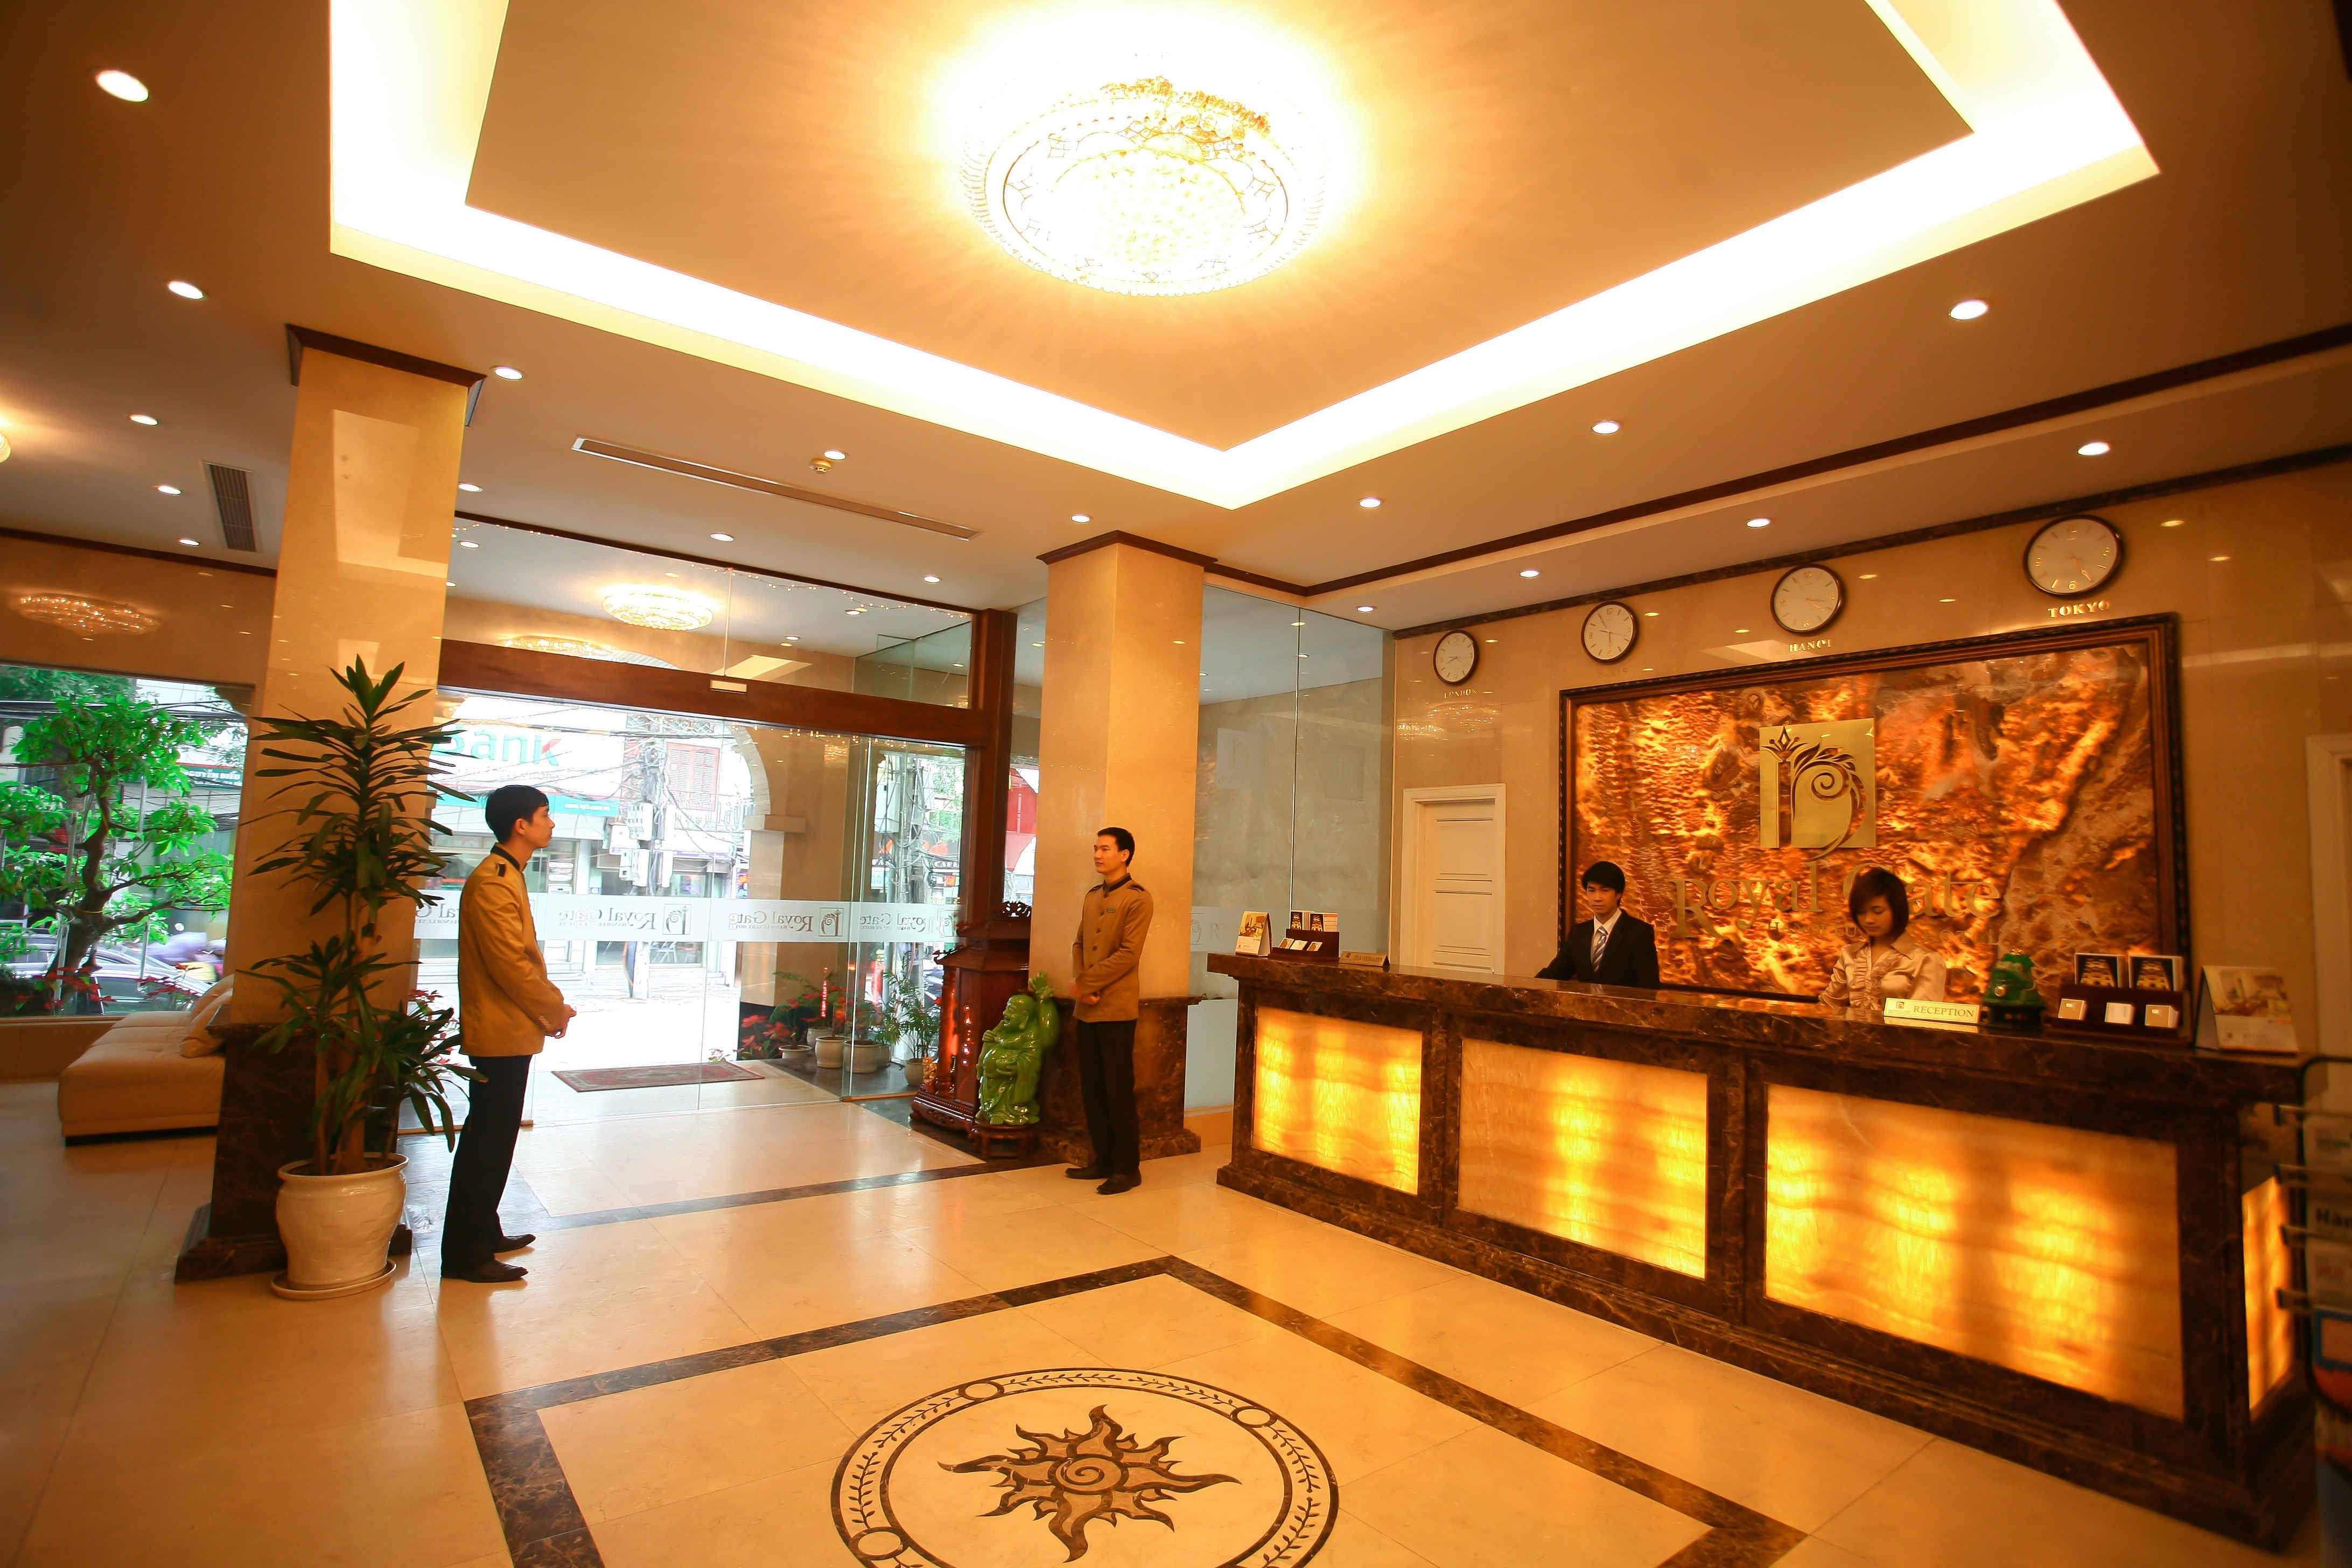 Kinh doanh khách sạn